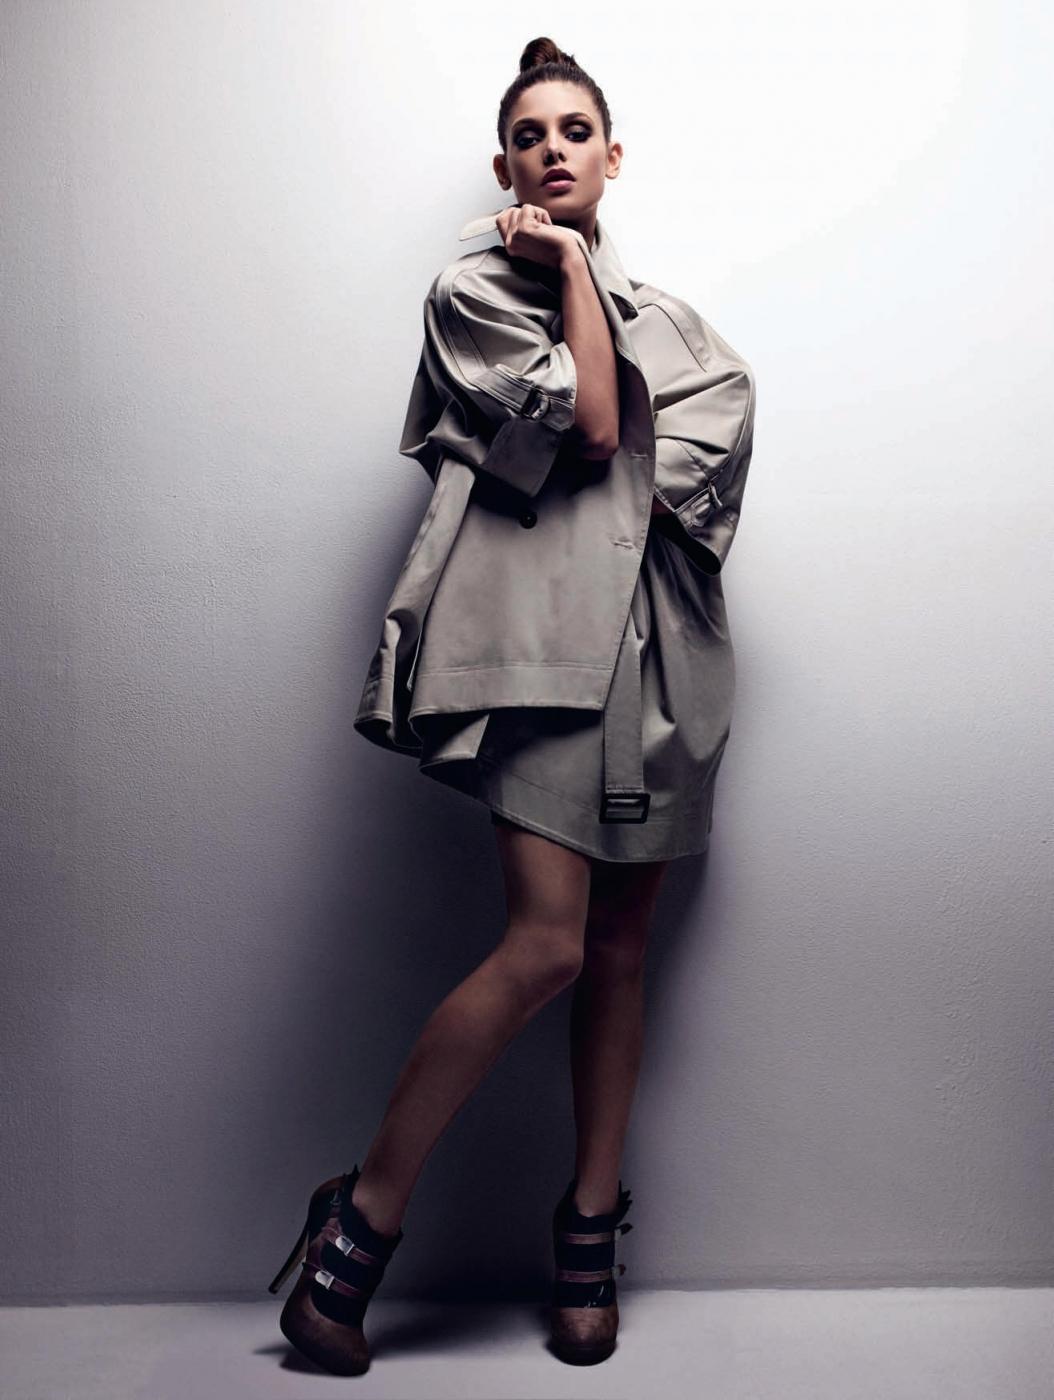 Ashley Greene/ეშლი გრინი A636a01da5a28412a60a329df442f3d6